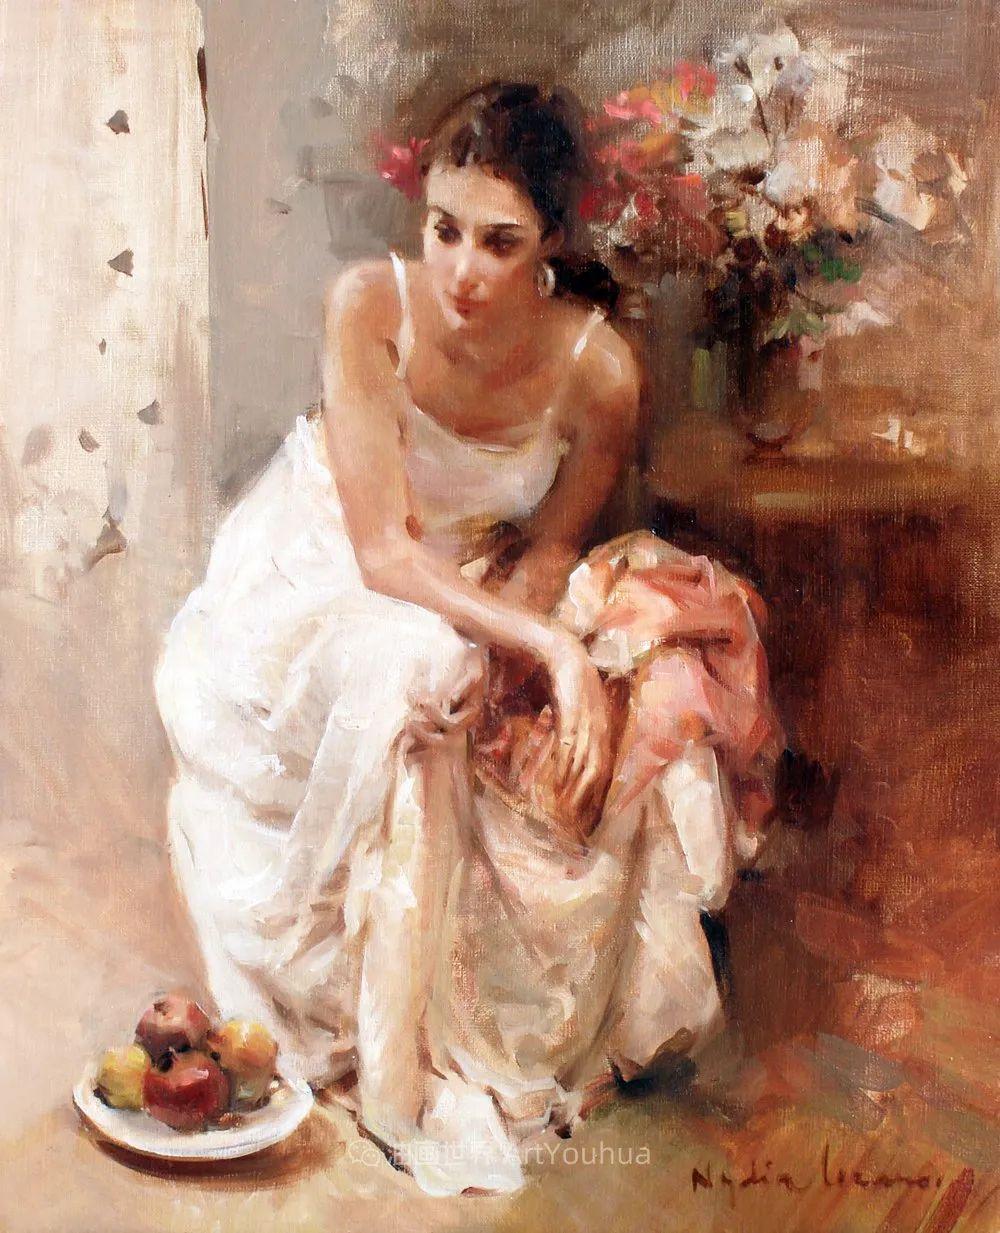 她笔下美丽的女人,像花一样尽情的绽放!插图29